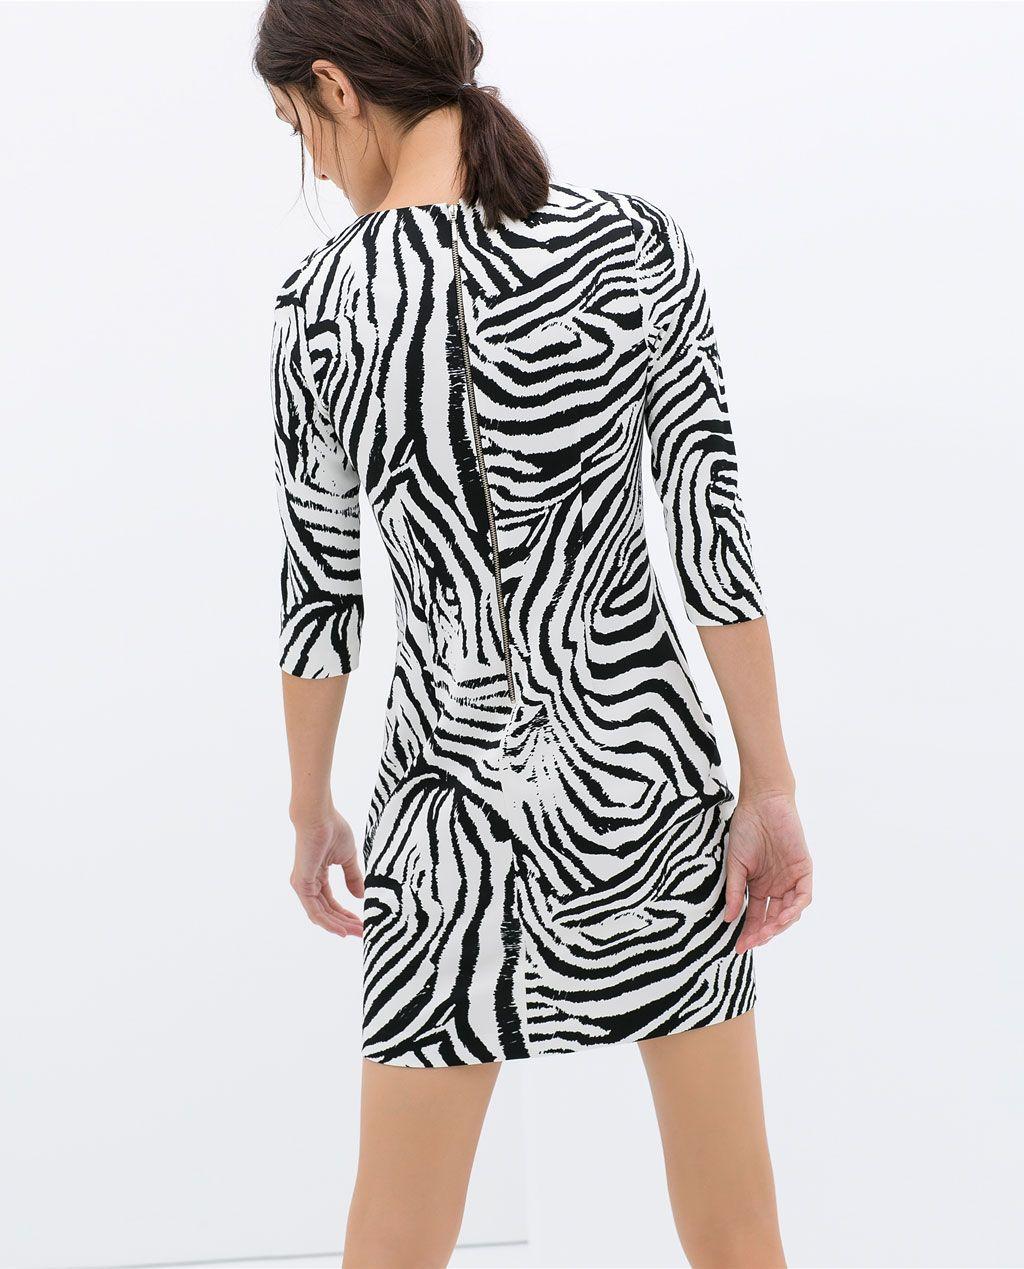 envío gratis marca popular Precio al por mayor 2019 Imagen 5 de VESTIDO ESTAMPADO CEBRA de Zara   look book ...